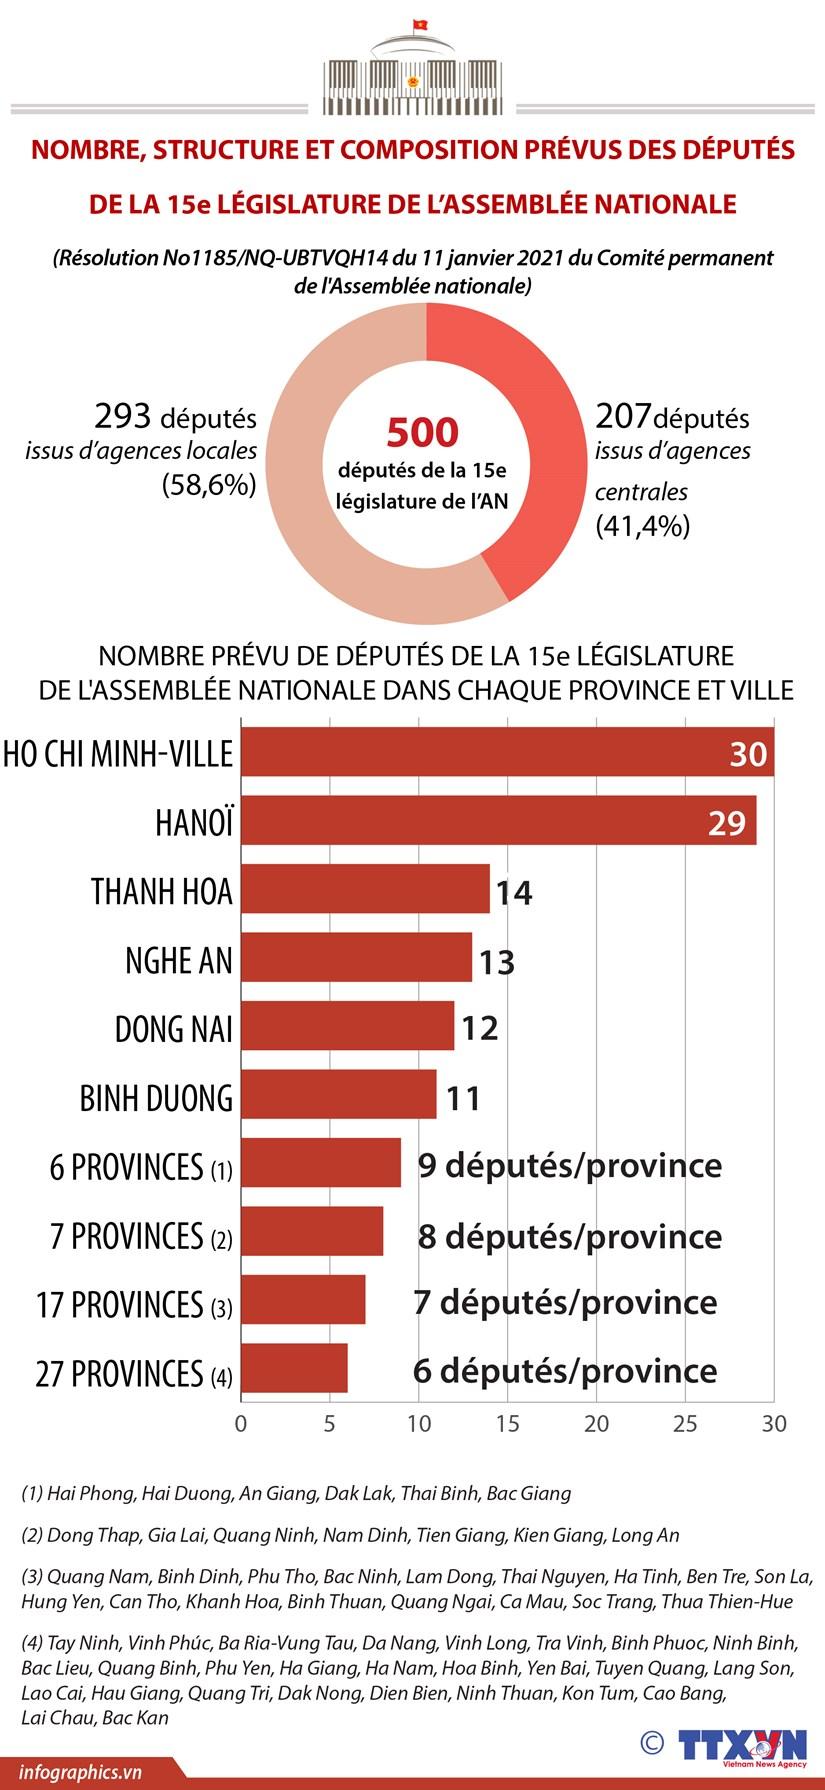 Nombre, structure et composition prevus des deputes de la 15e legislature de l'AN hinh anh 1